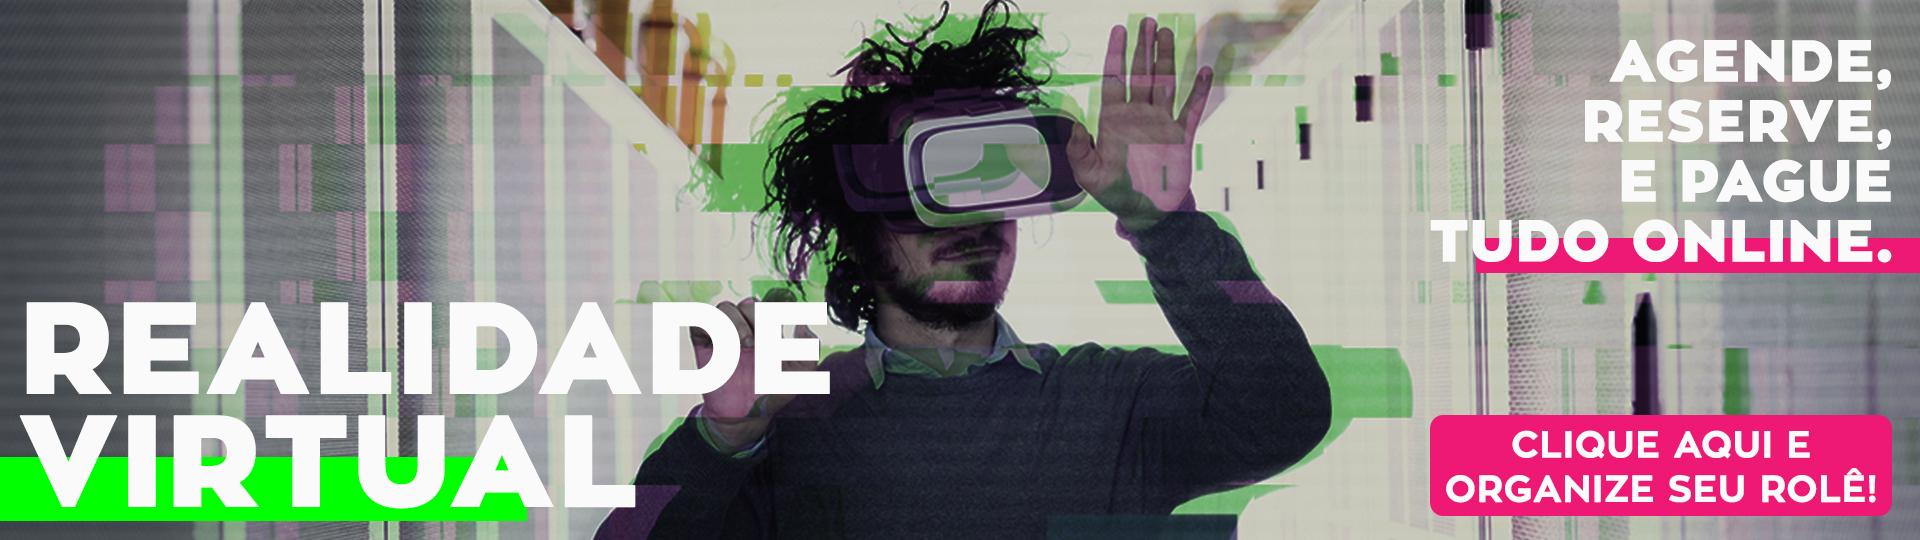 Homem utilizando o óculos de realidade virtual. Texto na esquerda inferior: realidade virtual. Texto na direita superior: agende, reserve e pague tudo online. Texto direita inferior: clique aqui e organize seu rolê!